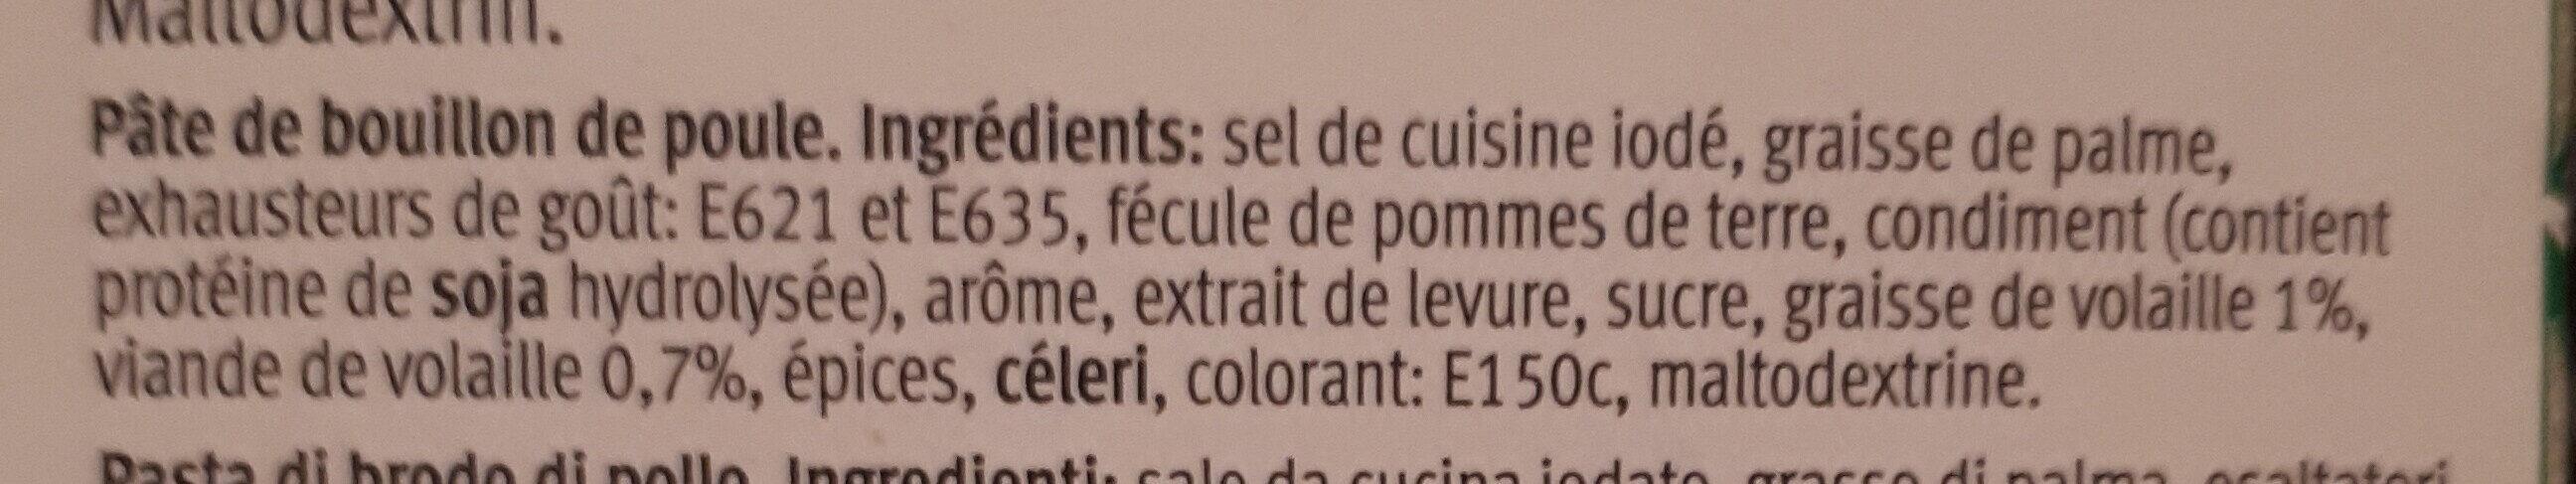 Bouillon de poule - Ingredienti - fr